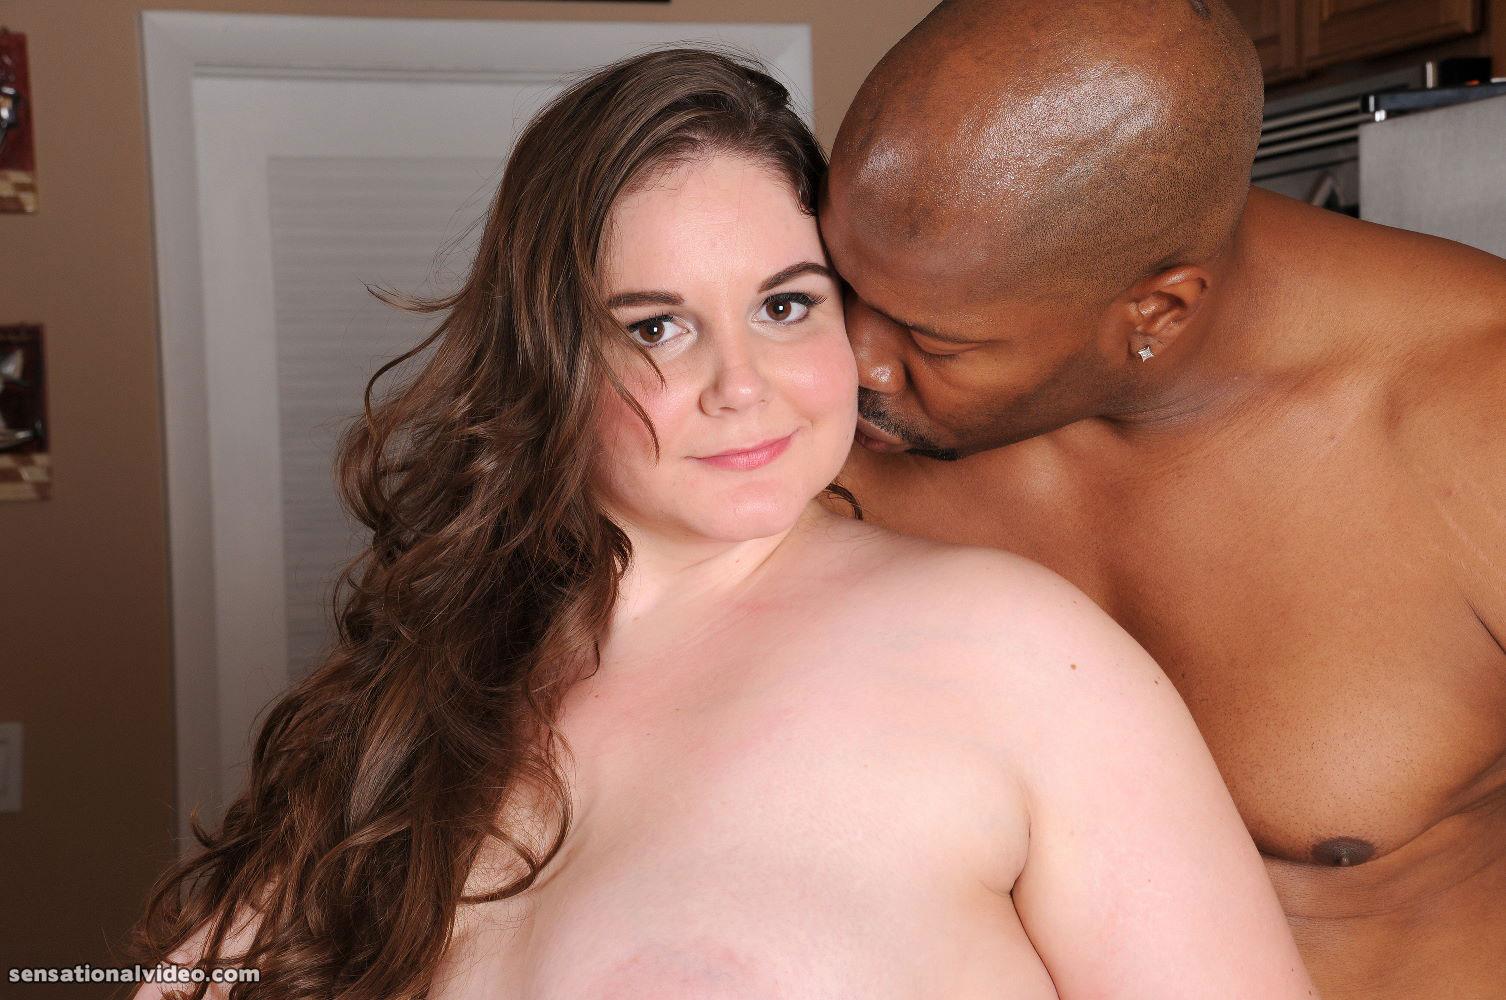 bukkake fat old lady having porn sex